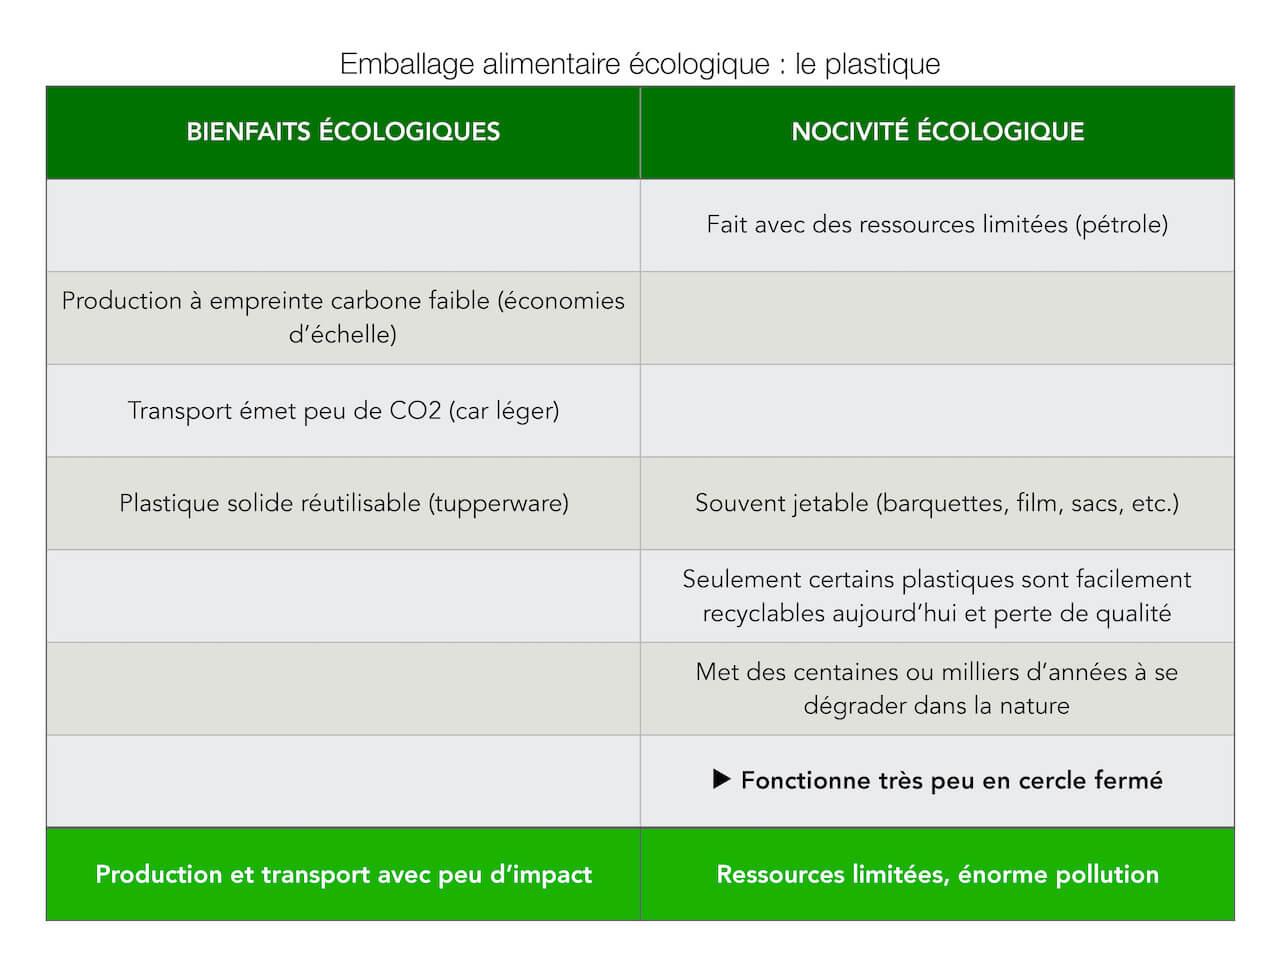 Comparatif des avantages et inconvénients écologiques d'un emballage en plastique